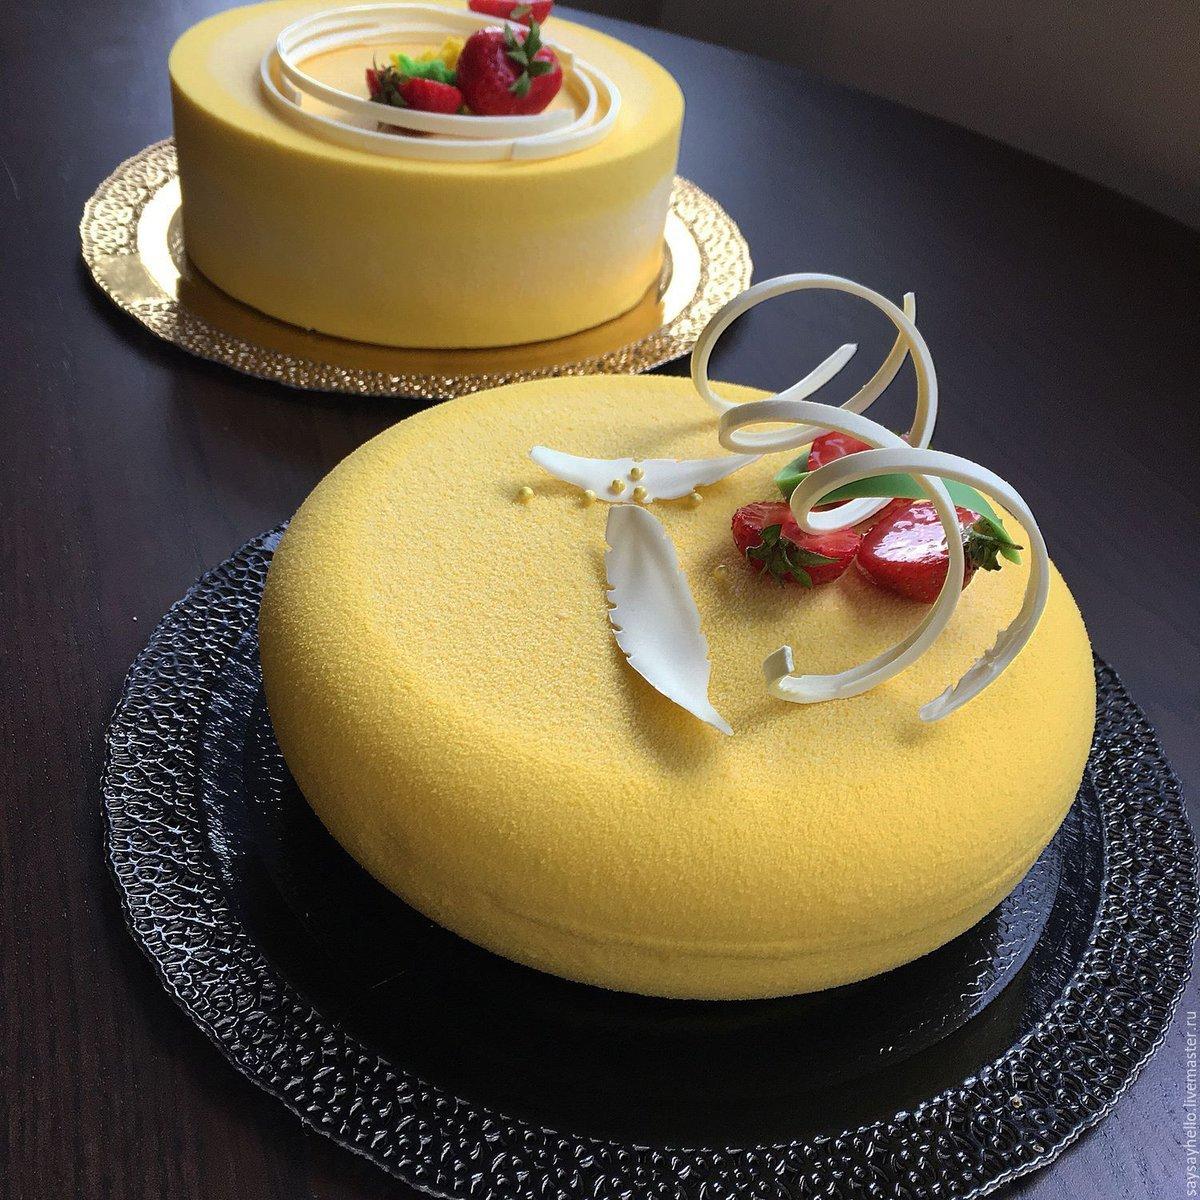 велюровый торт рецепт с фото пошагово посылаем своего сотрудника